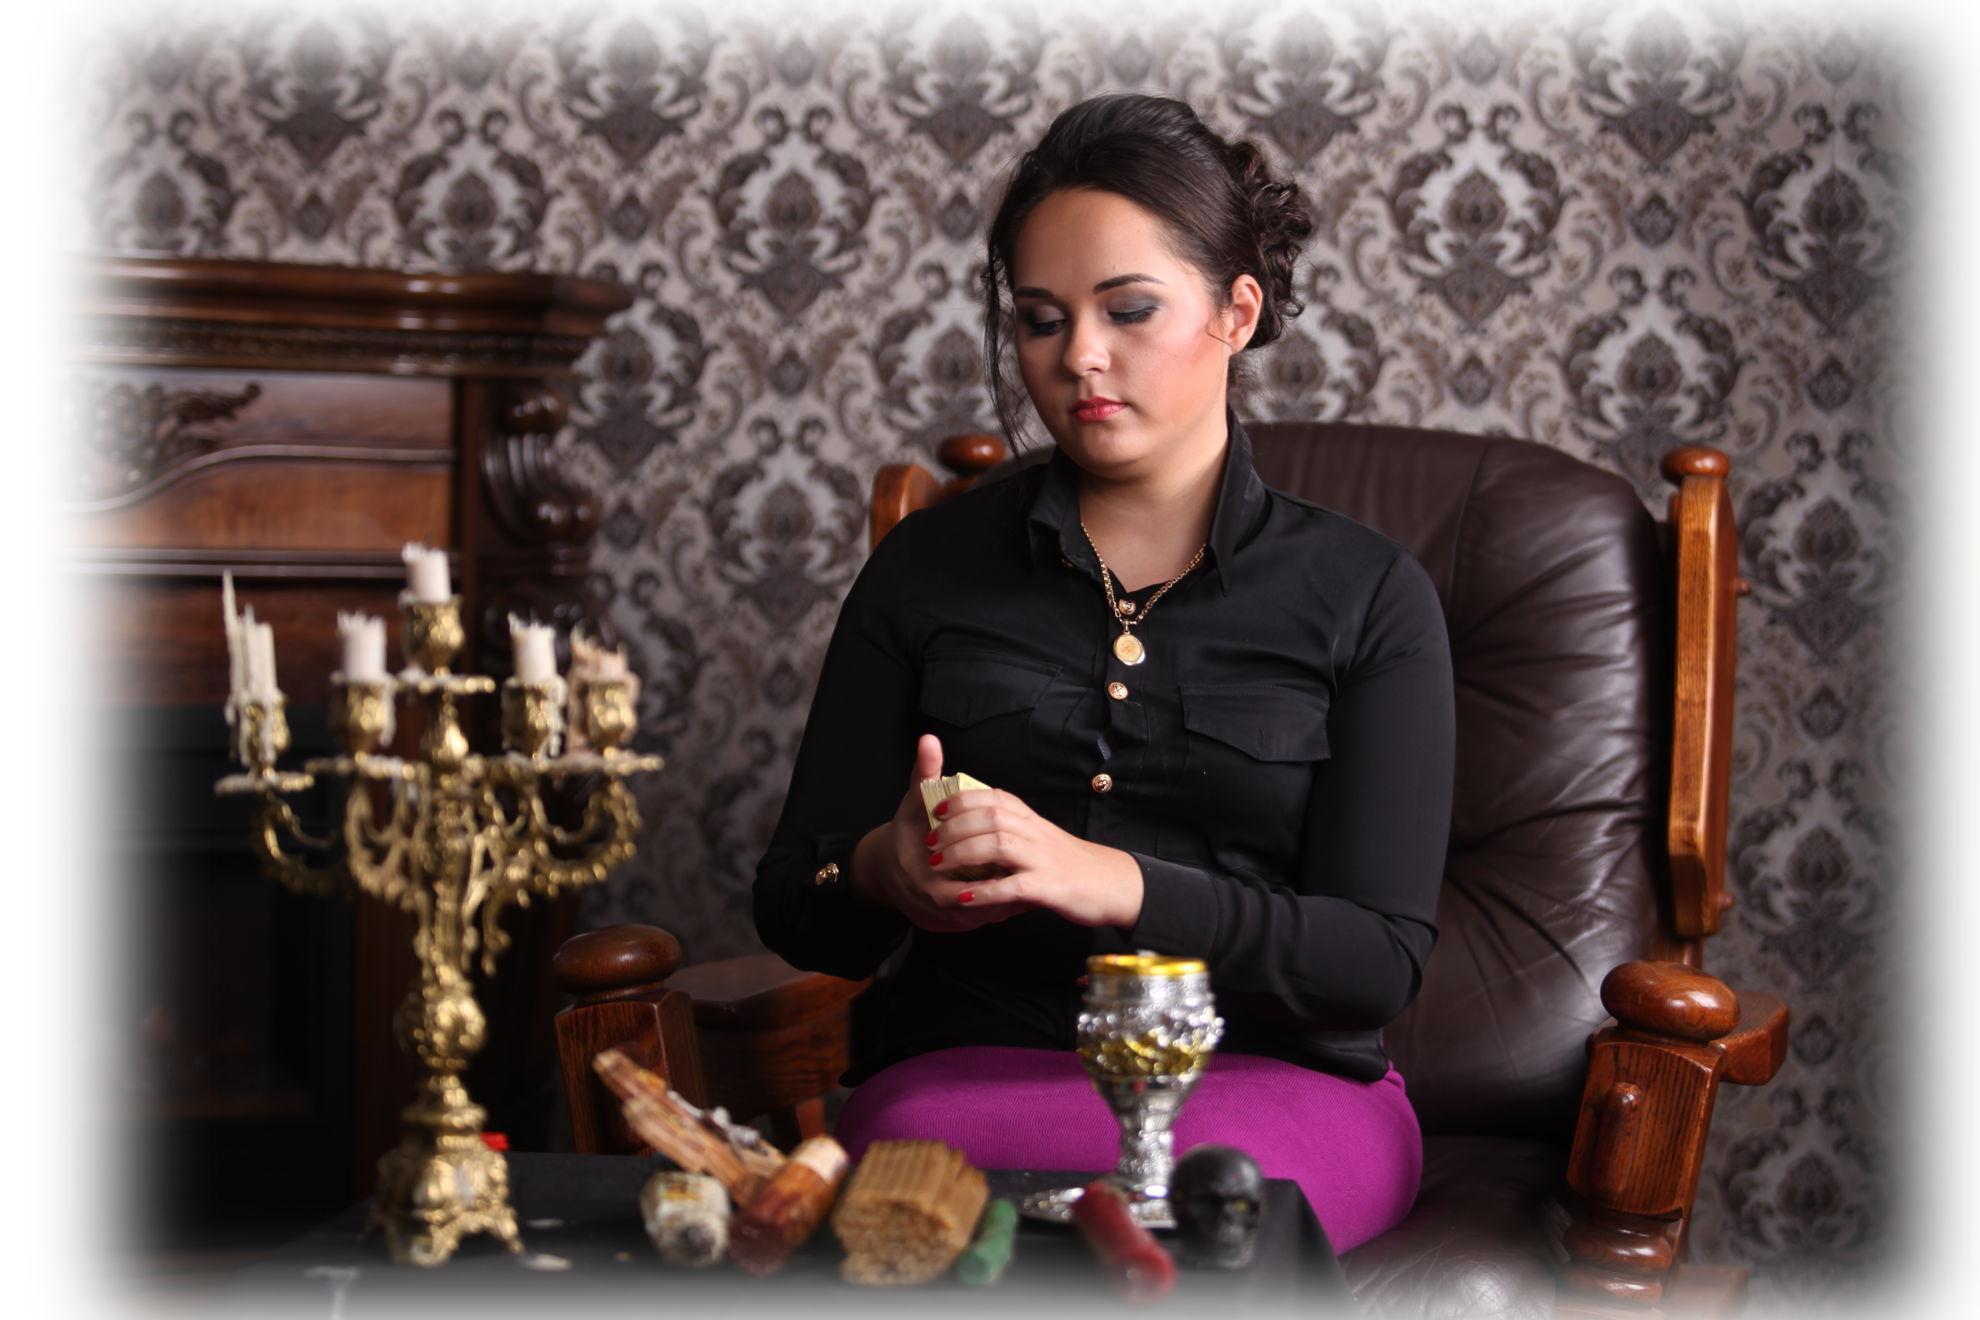 Лучший астролог, предсказатель Анжелика